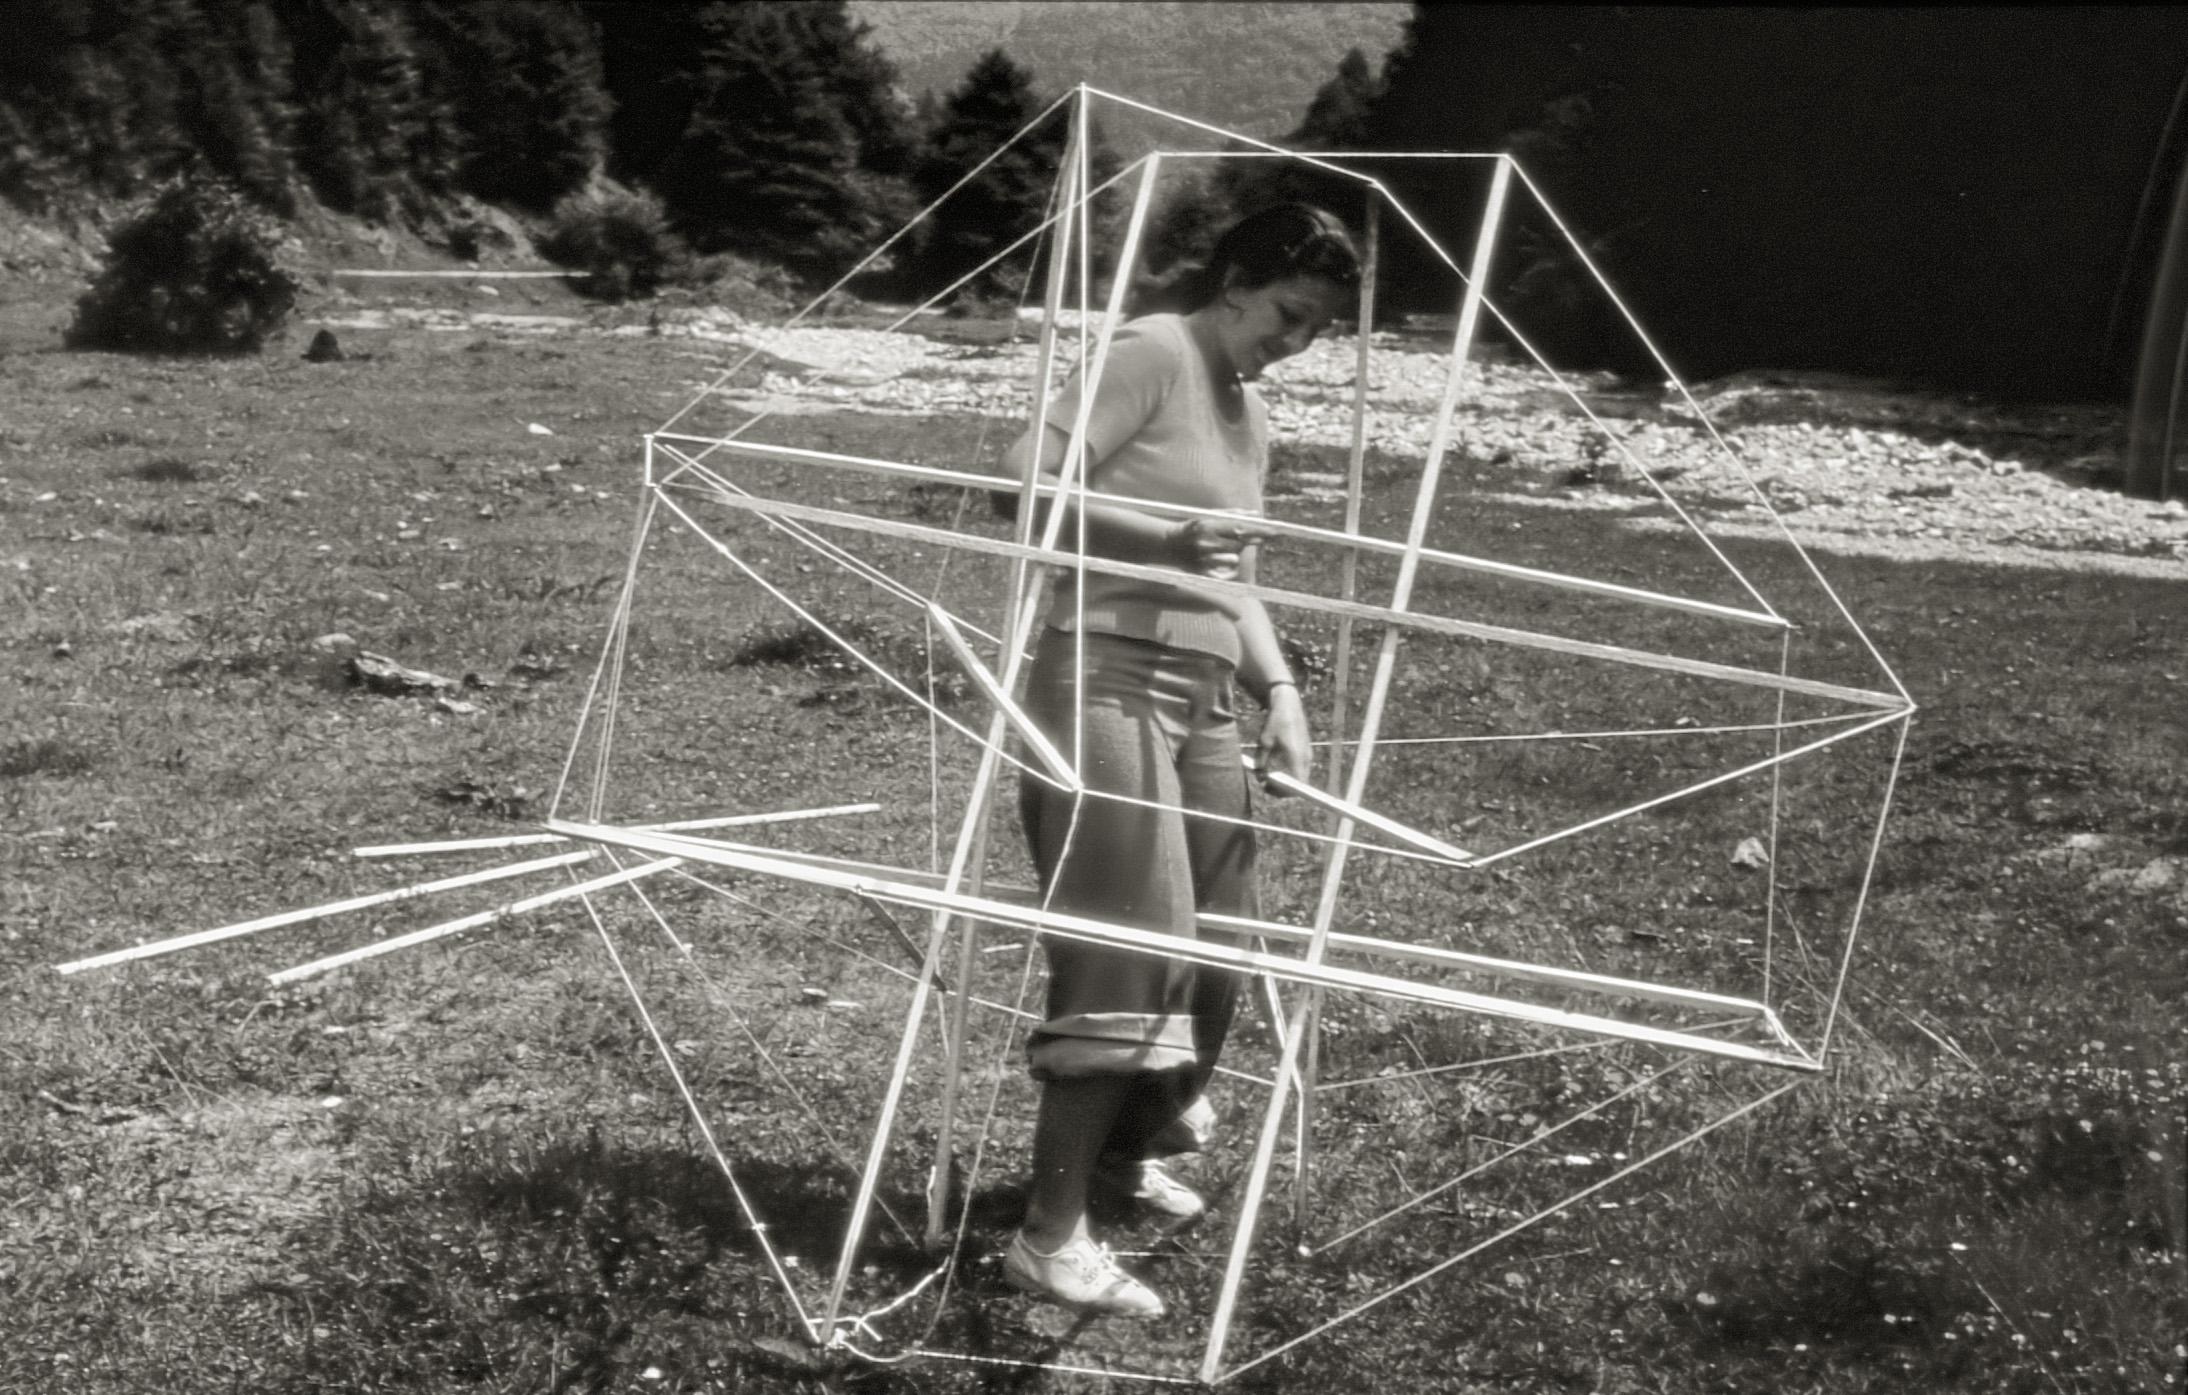 Doru Tulcan, Mistrz Manole, 1975, dzięki uprzejmości Doru Tulcan